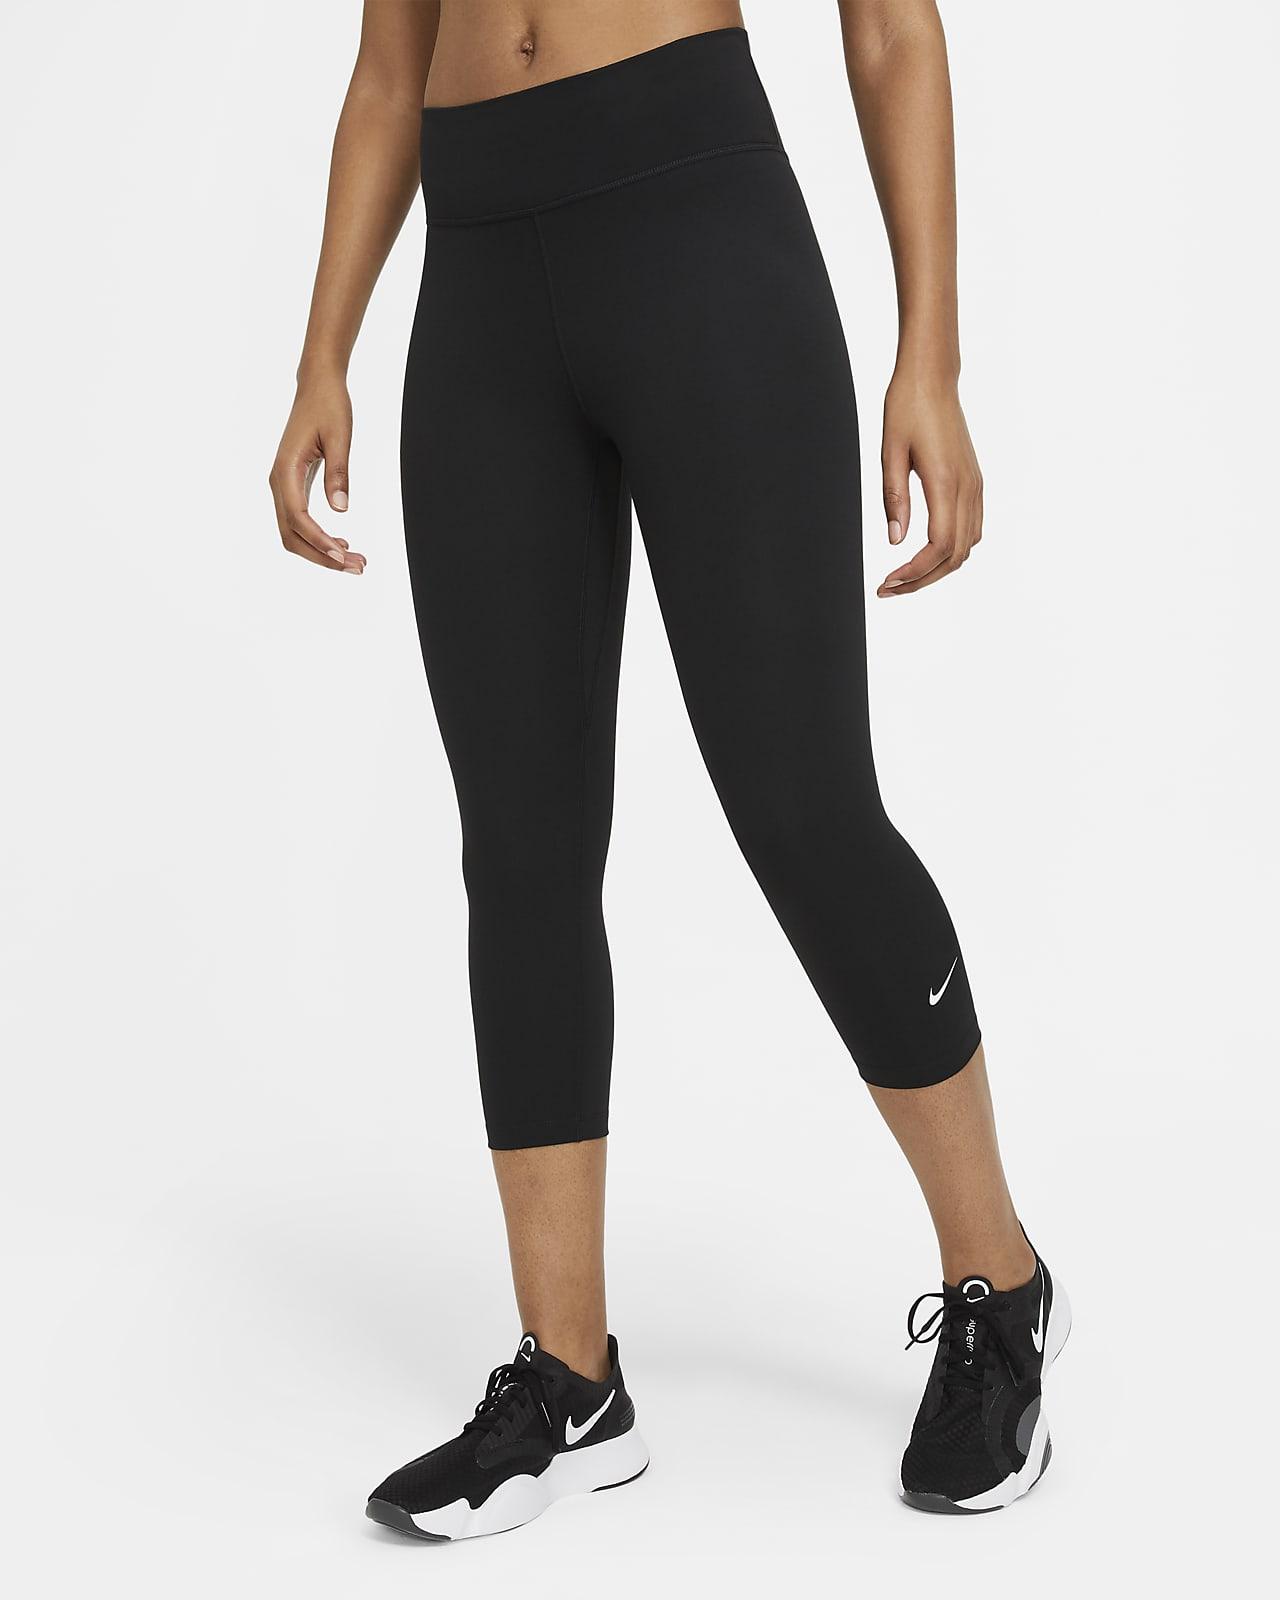 เลกกิ้งผู้หญิง 3 ส่วนเอวปานกลาง Nike One